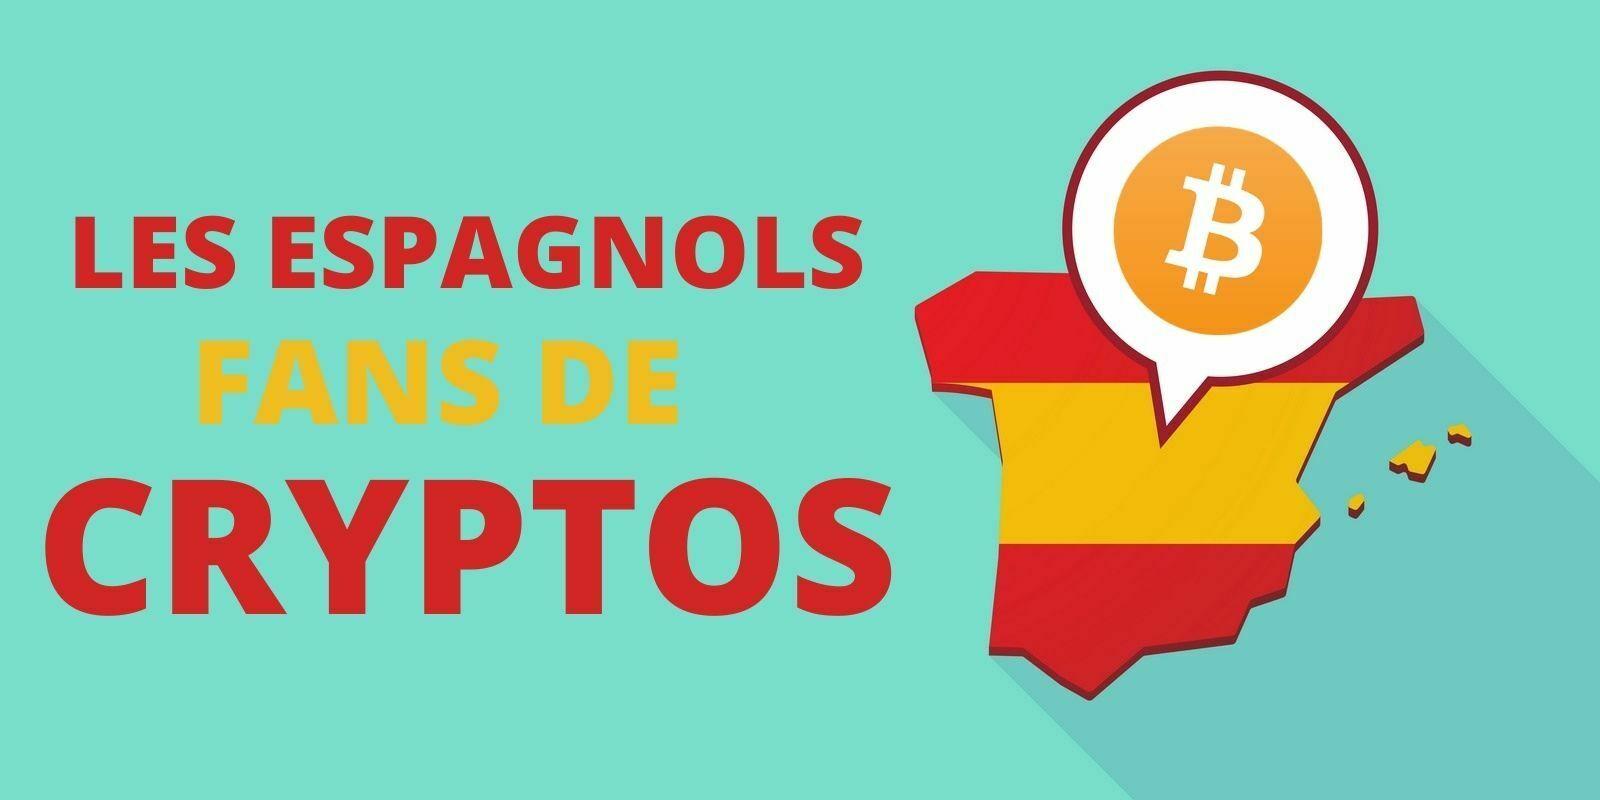 Espagne : 10% de la population détiendrait de la cryptomonnaie